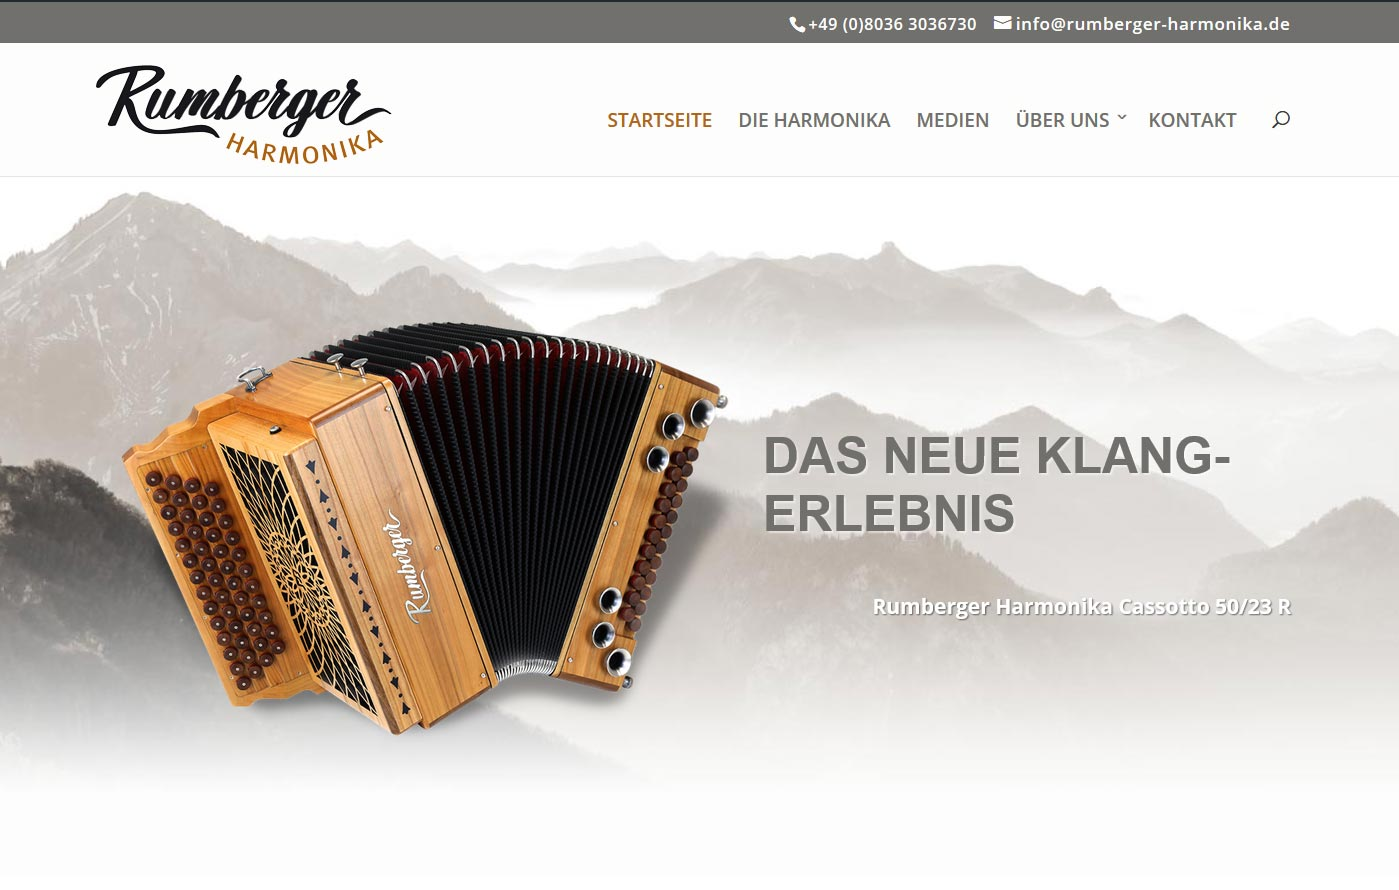 Neue Homepage für die Rumberger Harmonika Cassotto 50/23 R